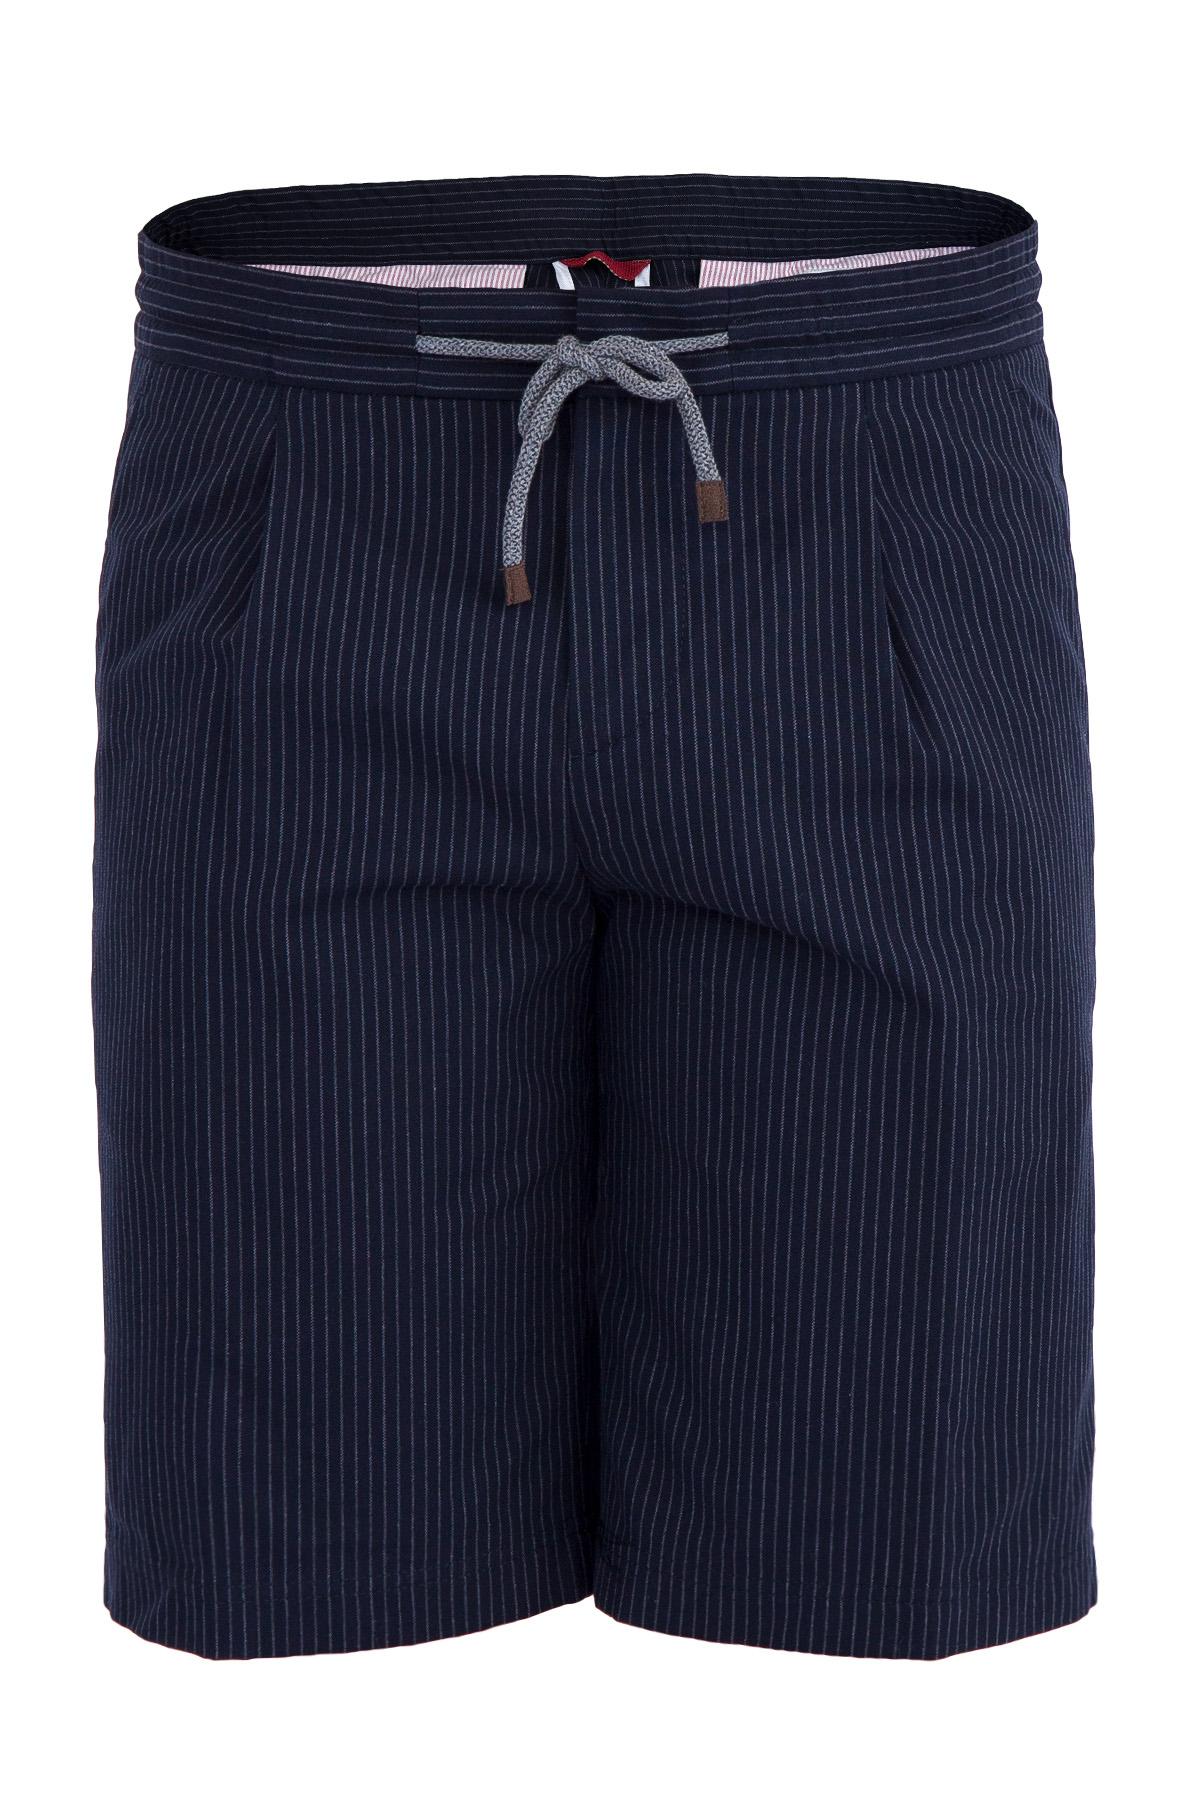 Купить со скидкой Бермуды из хлопковой ткани синего цвета с двойной витой нитью в меловую полоску